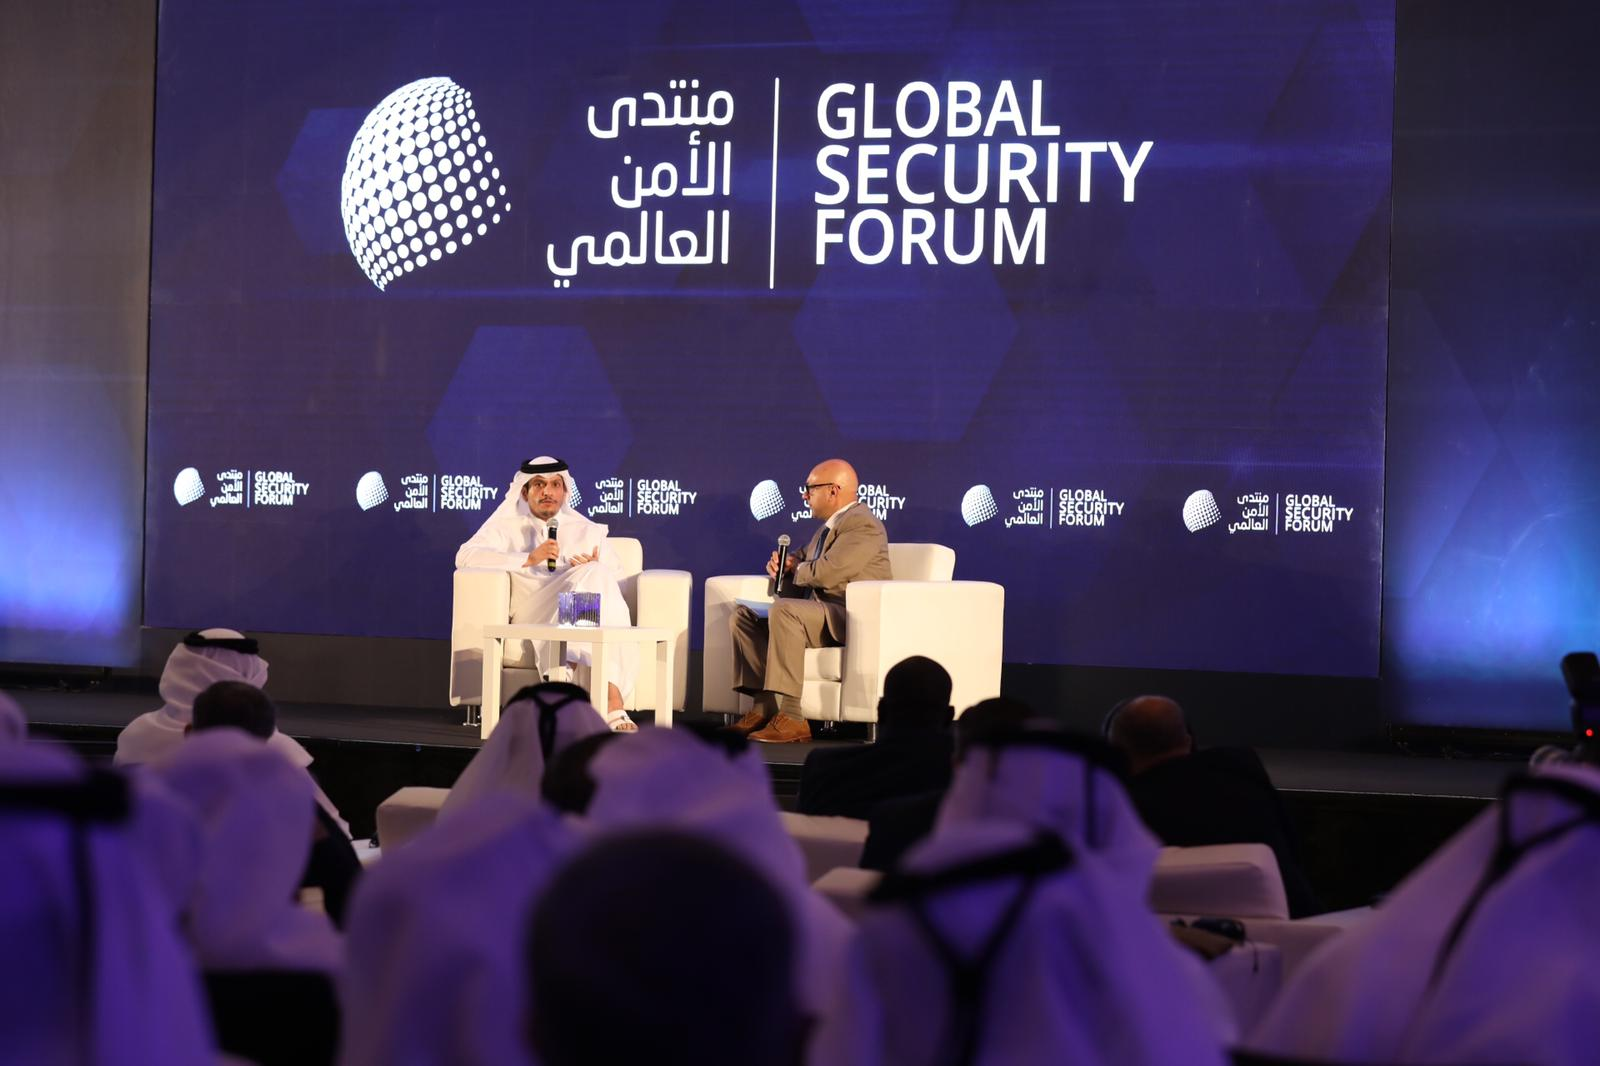 نائب رئيس مجلس الوزراء وزير الخارجية يحذر من مخاطر الأخبار المزيفة على الأمن العالمي